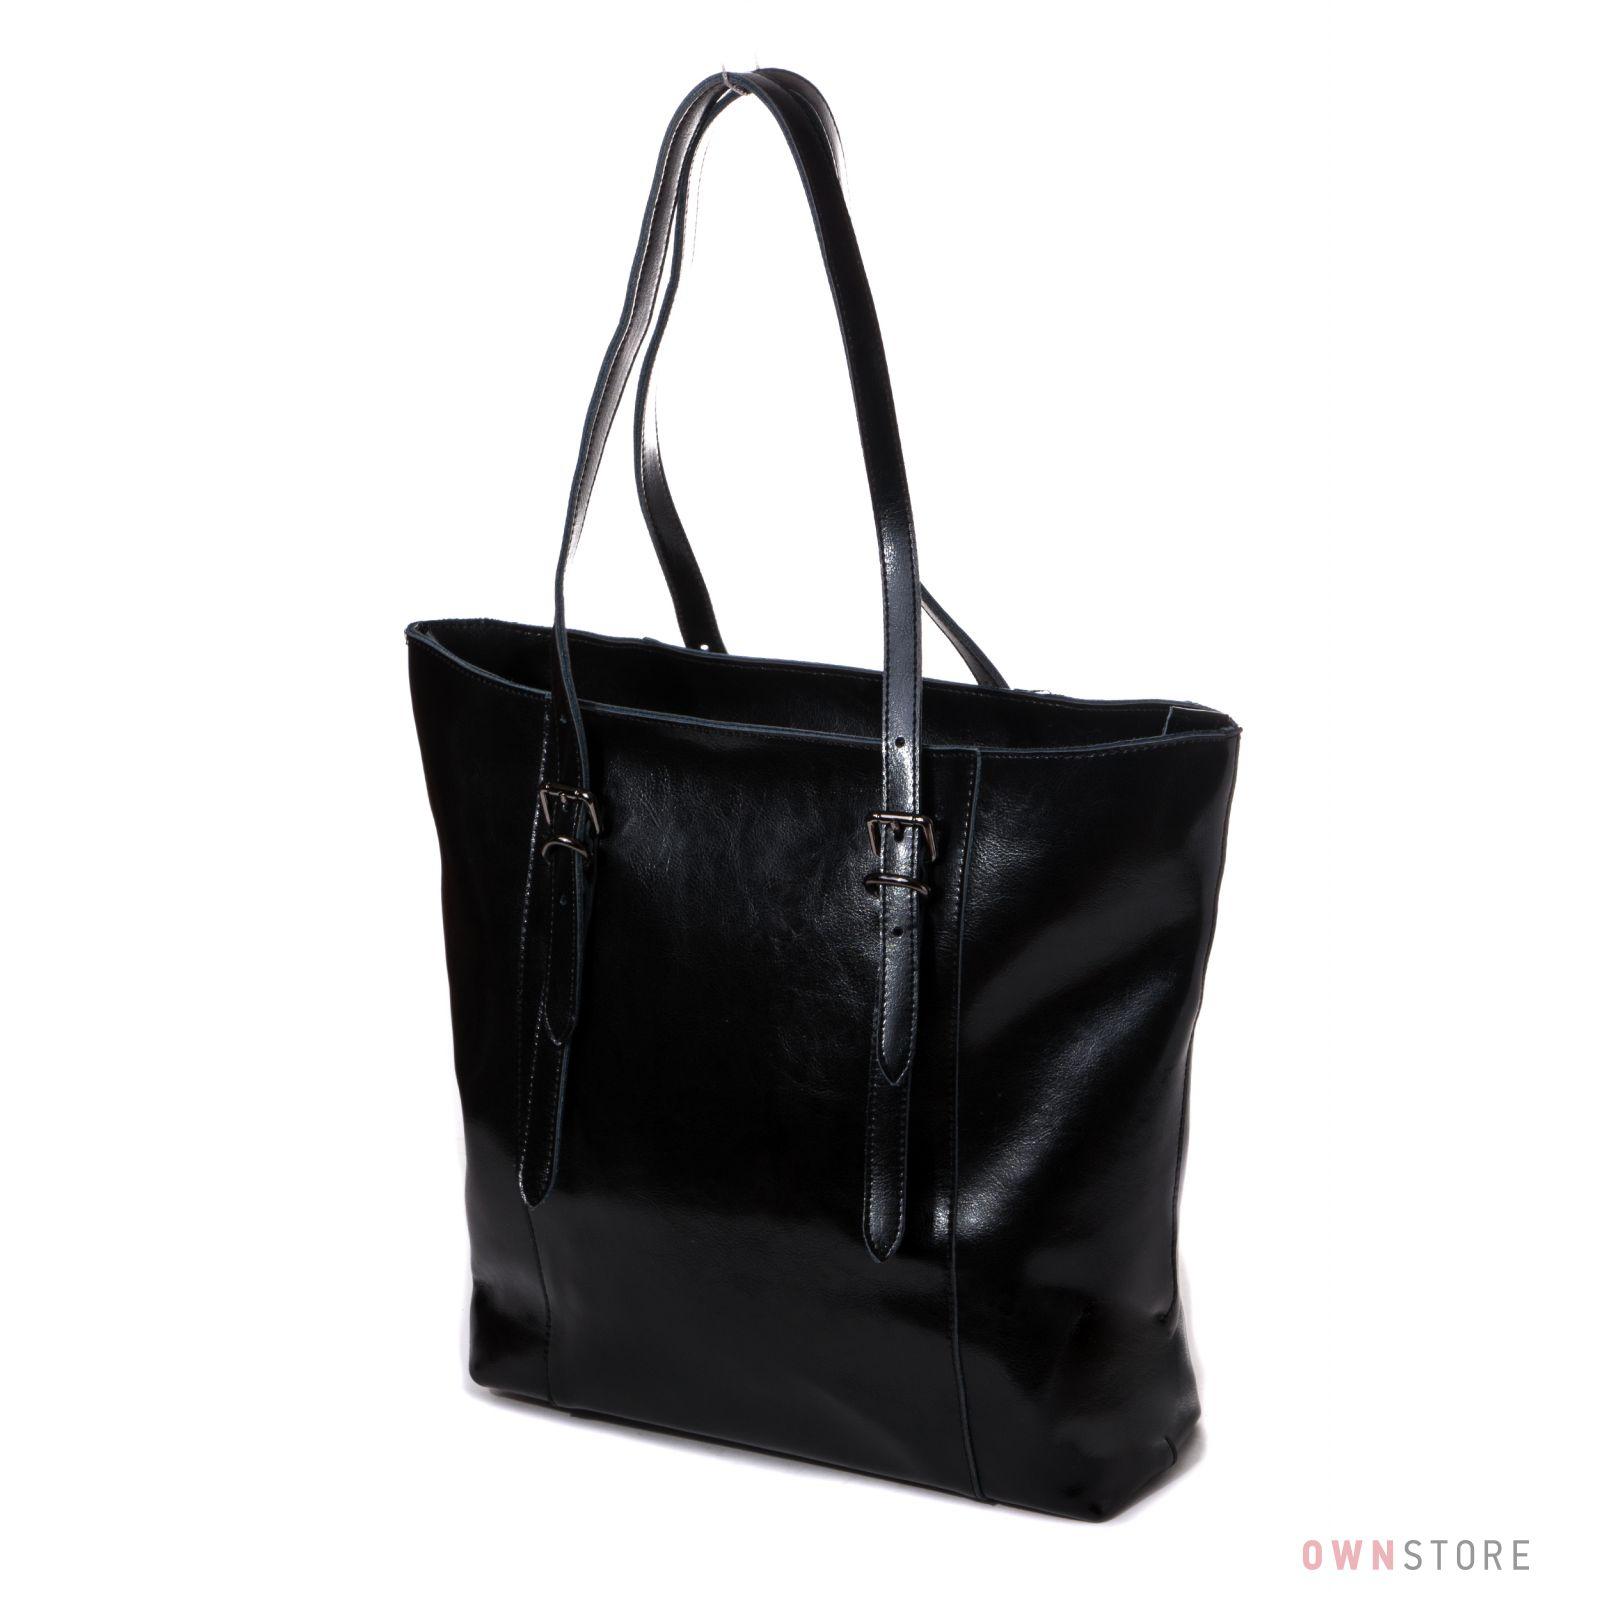 55cfaee73734 Женская большая кожаная сумка с длинными ручками от Farfalla Rosso